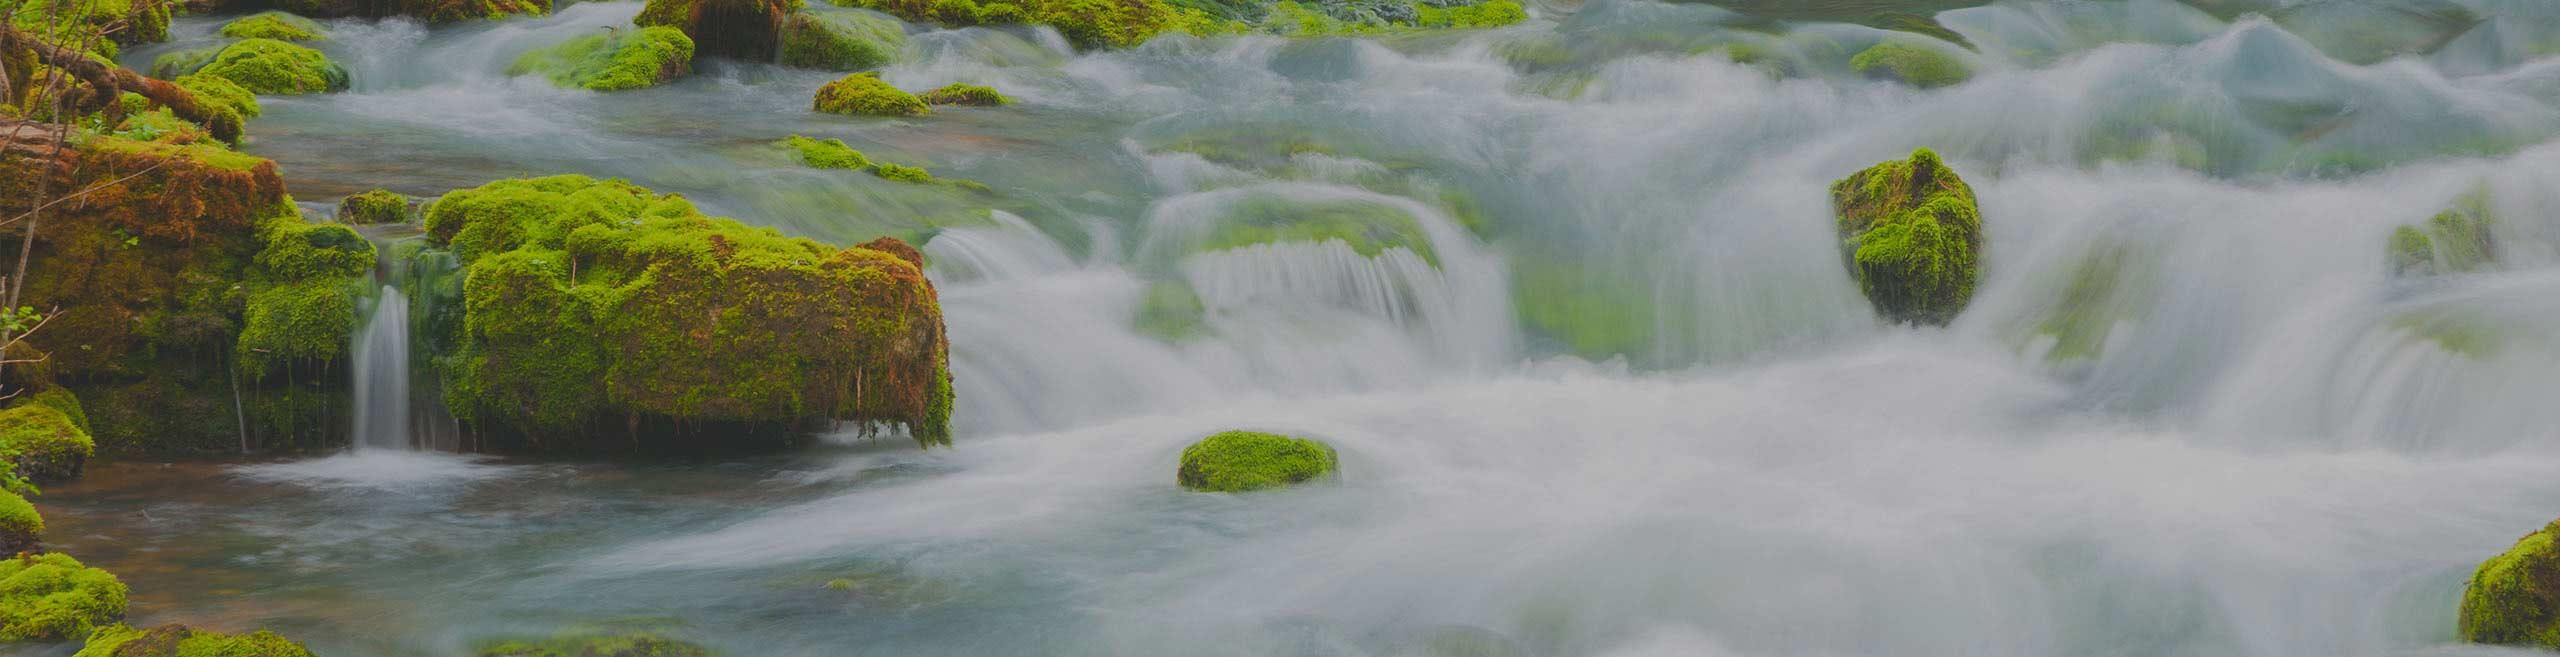 flowing river rapids